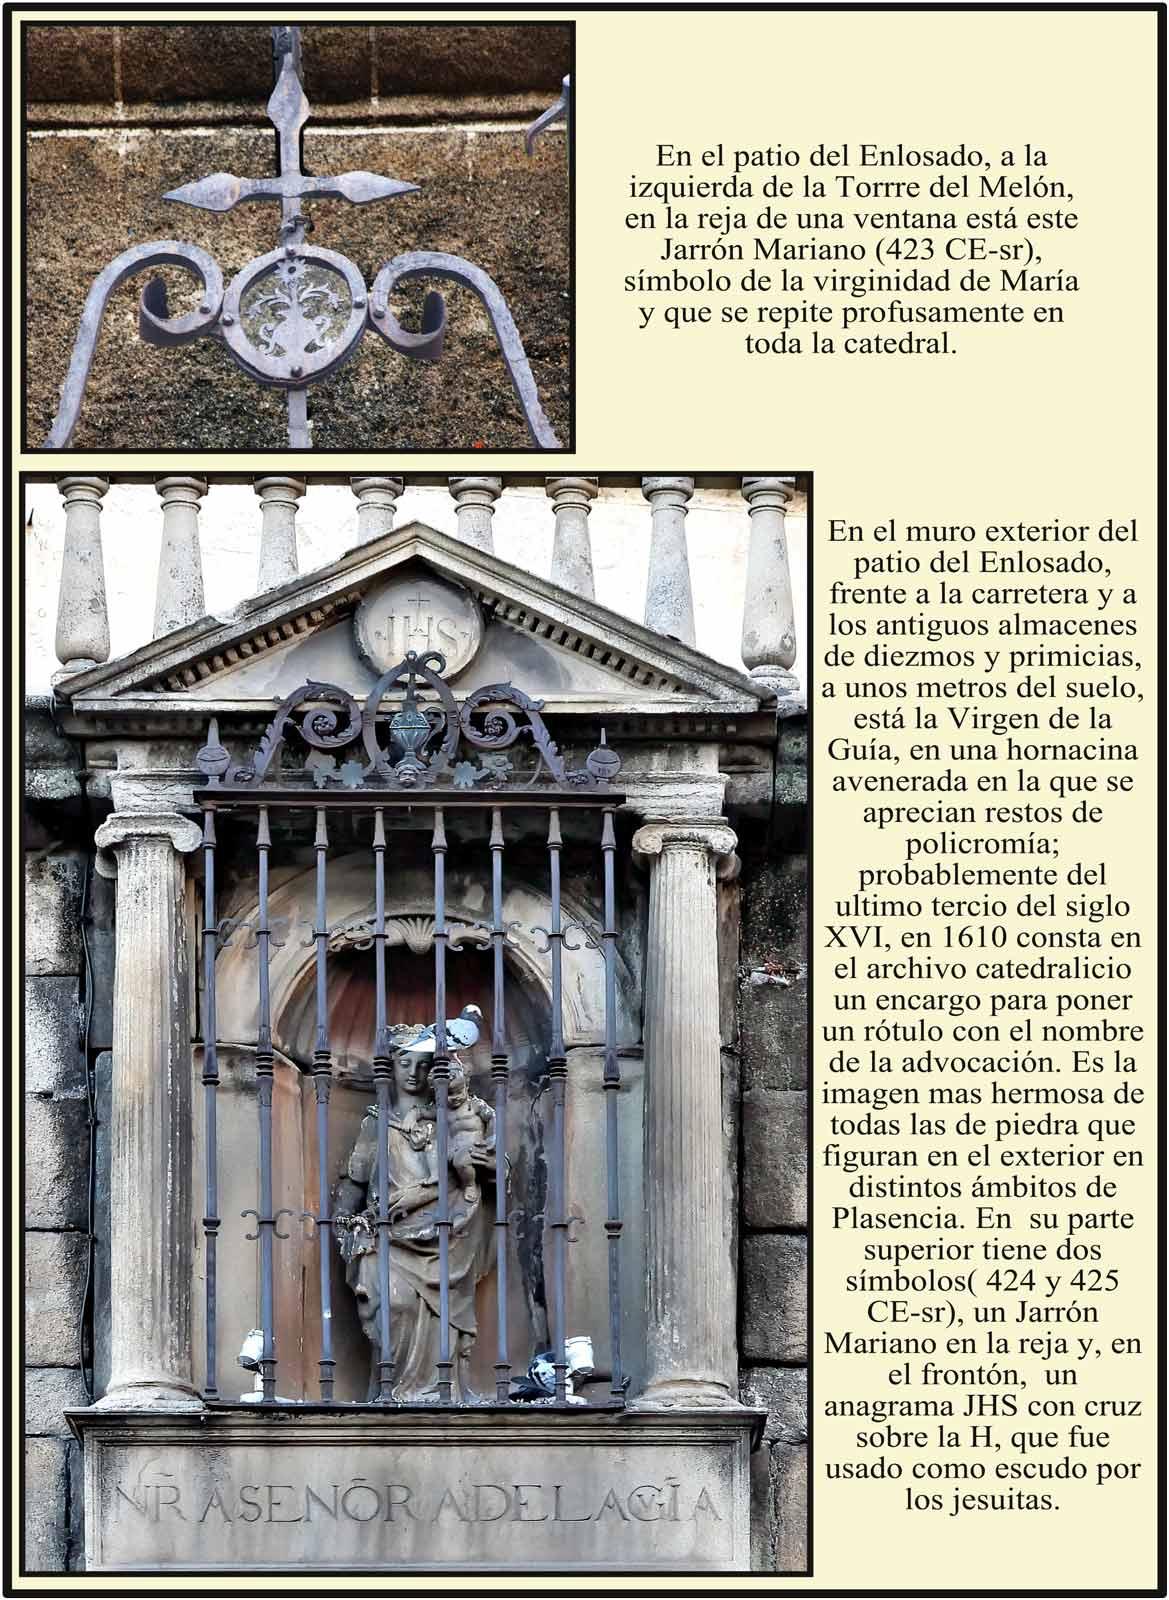 Virgen de la Guia en el exterior del patio del Enlosado Catedral Dorada Nueva de Plasencia